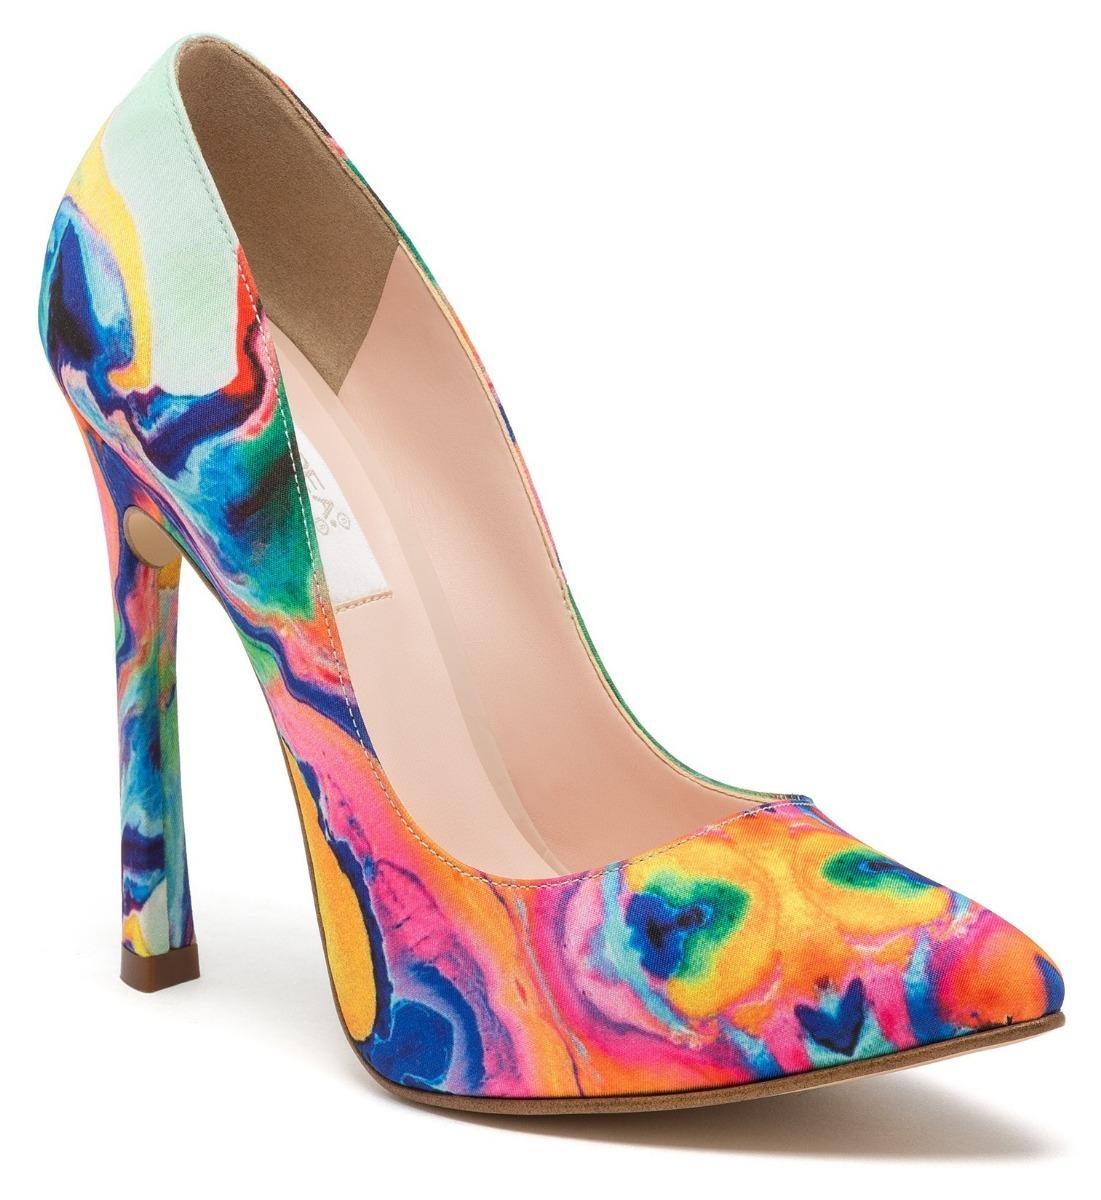 4591fd1efb8 zapatos cerrados zapatillas andrea de colores tacón alto. Cargando zoom.